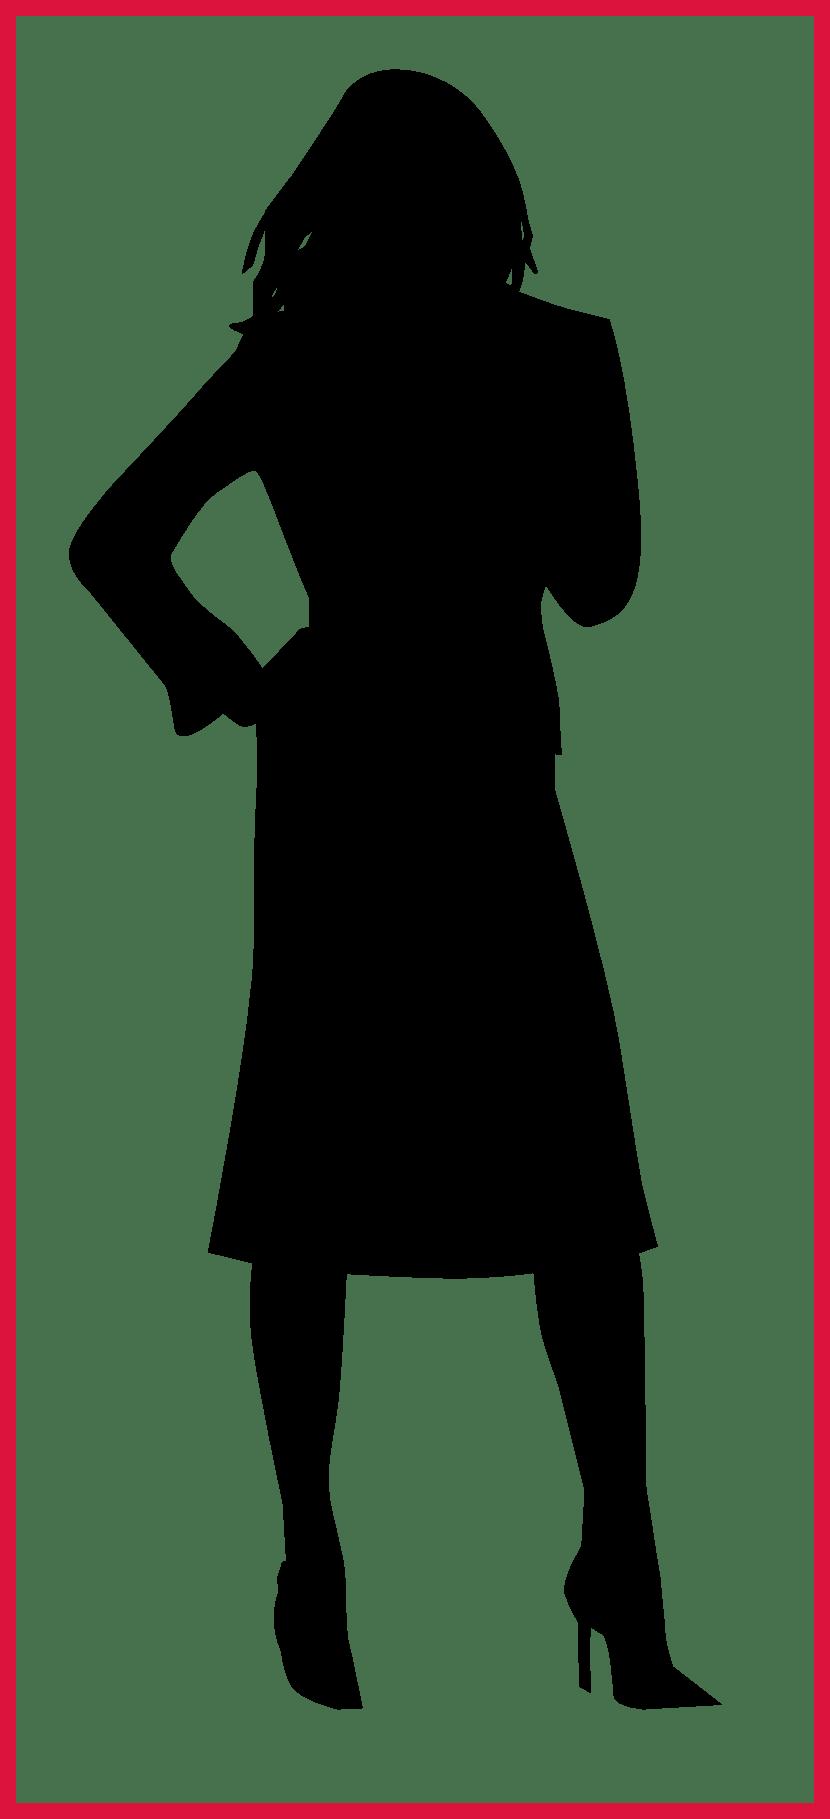 Clipart woman suit, Clipart woman suit Transparent FREE for.